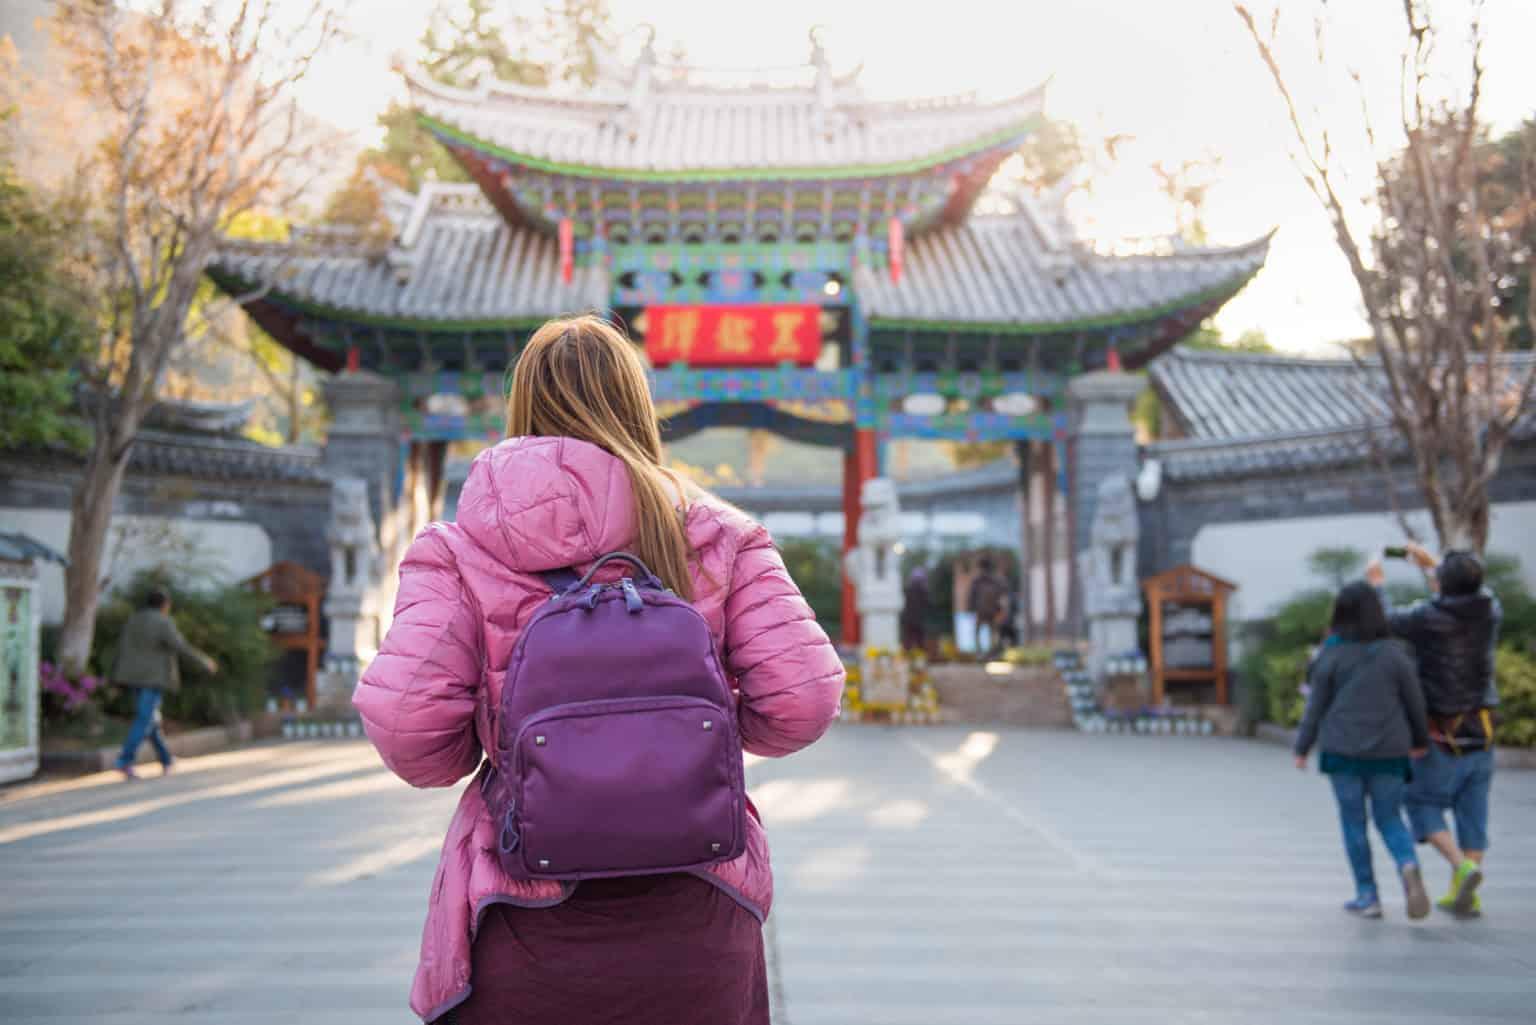 Walking Tour in Zhangjiakou